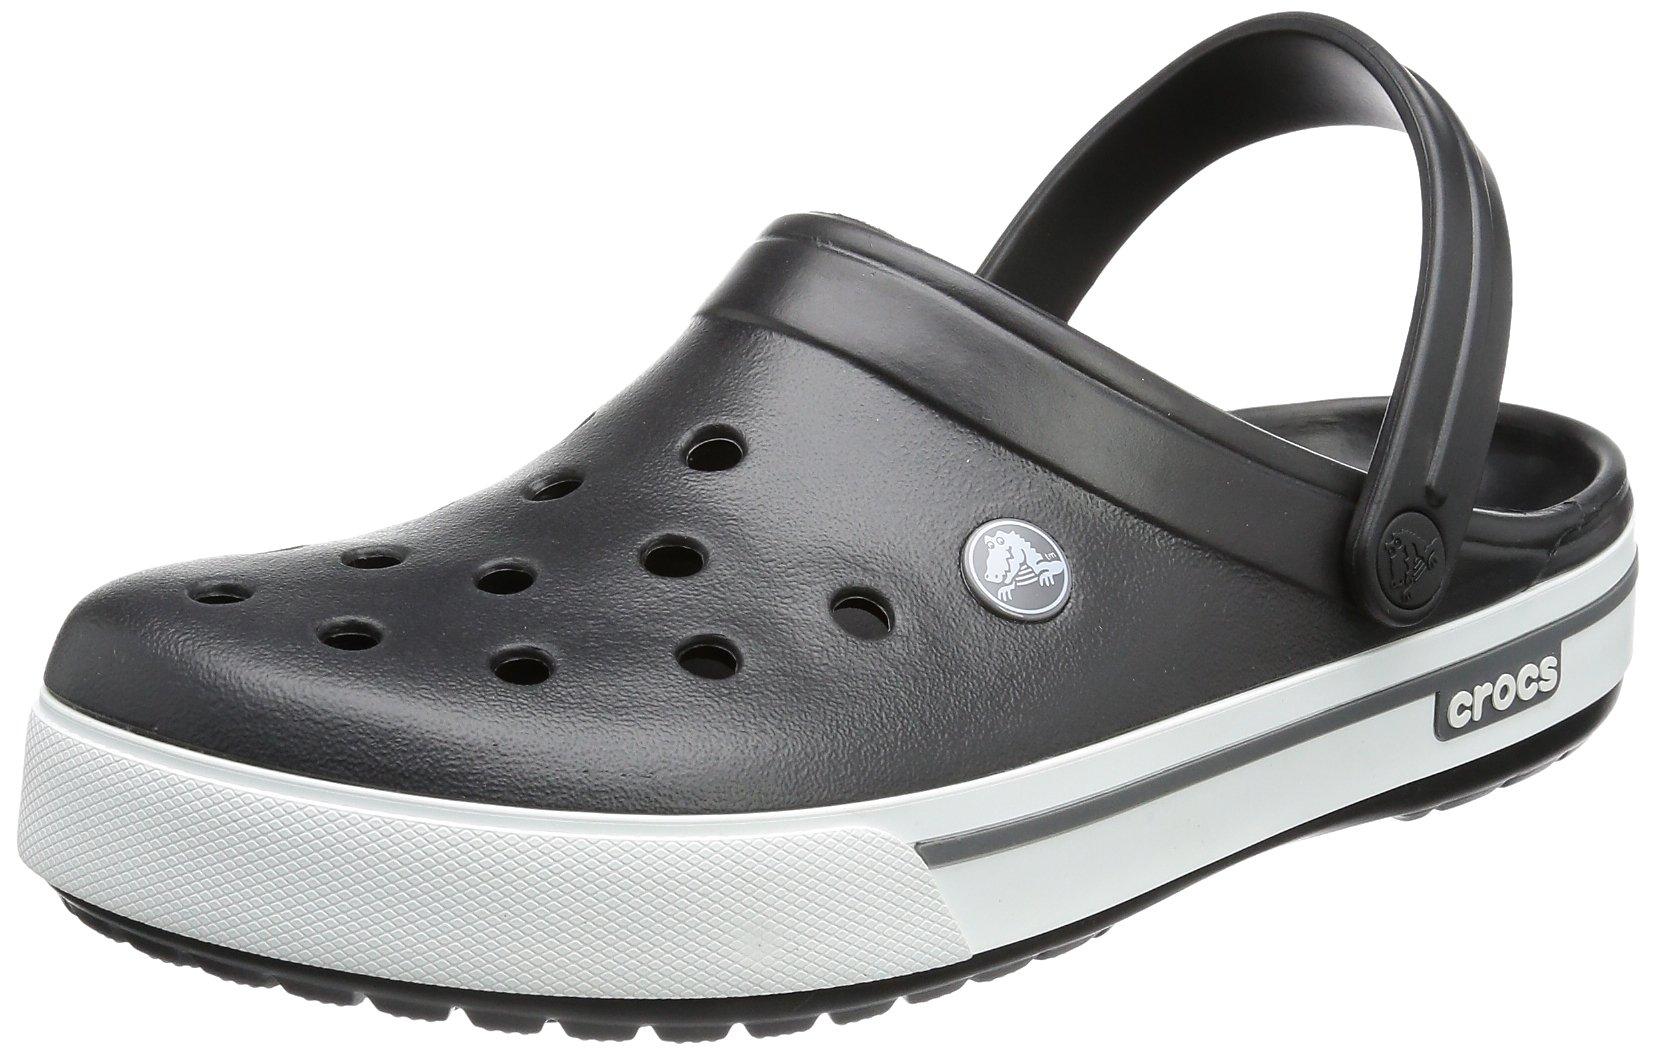 crocs Unisex Crocband II.5 Clog ,Black/Charcoal,9 US Women / 7 US Men